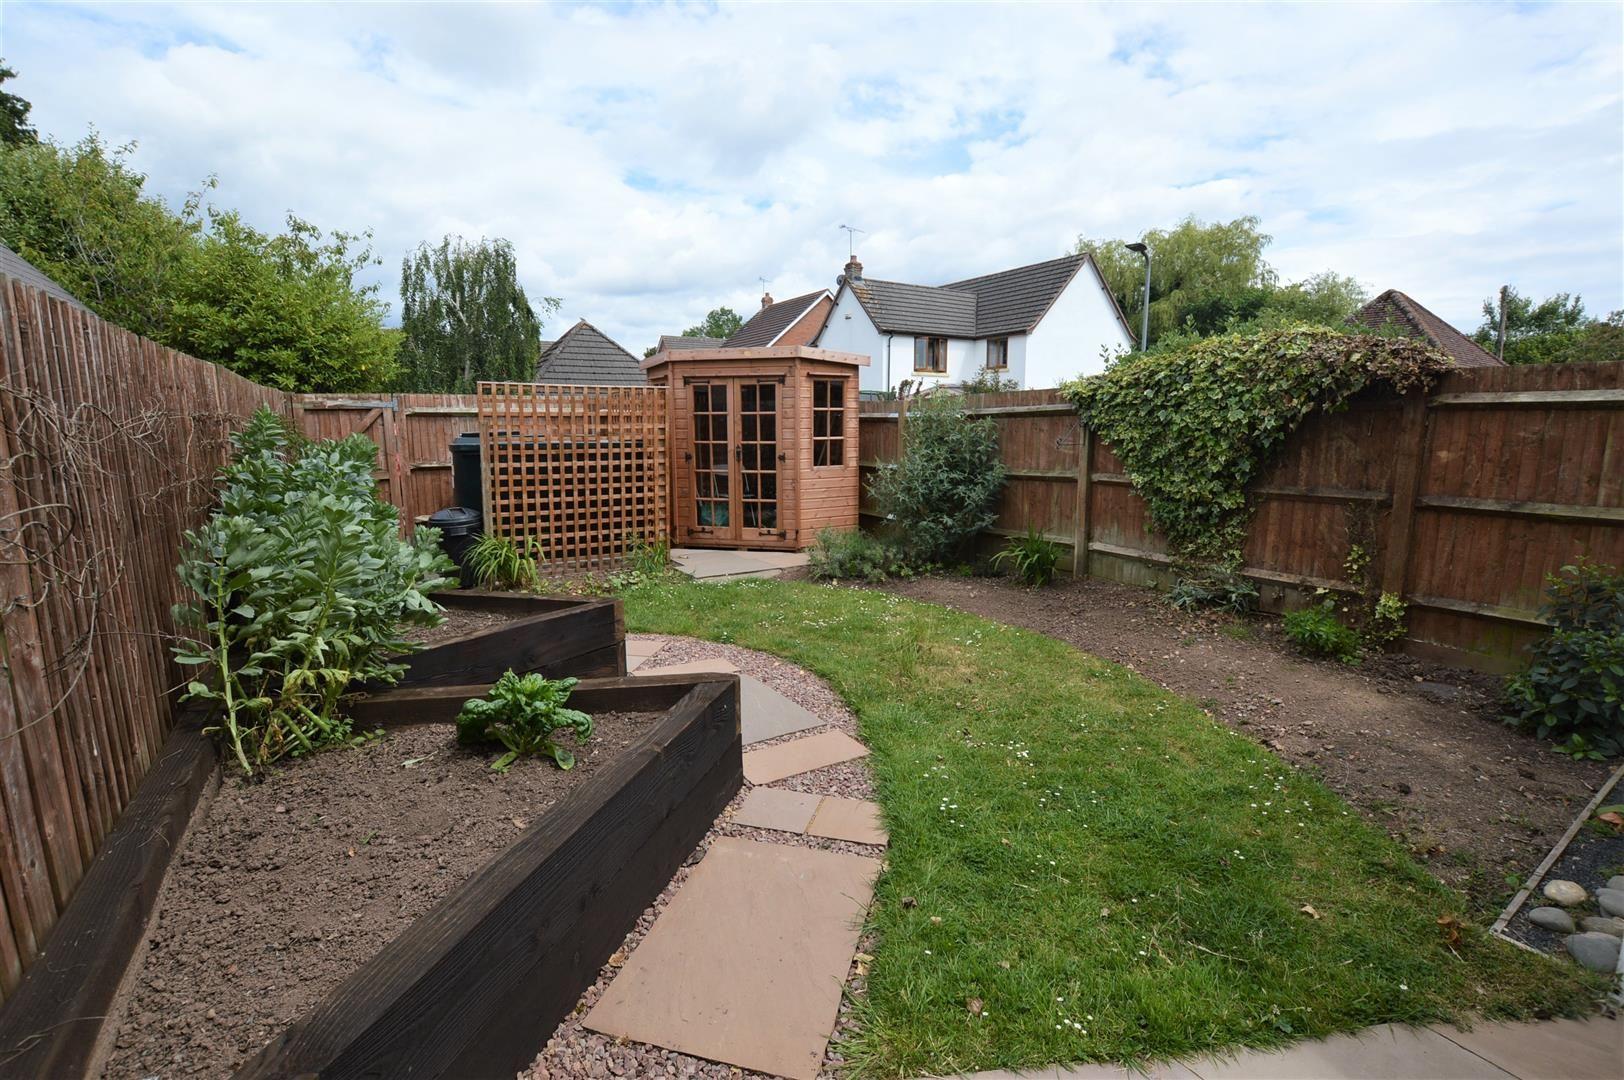 3 bed terraced for sale in Eardisley 6